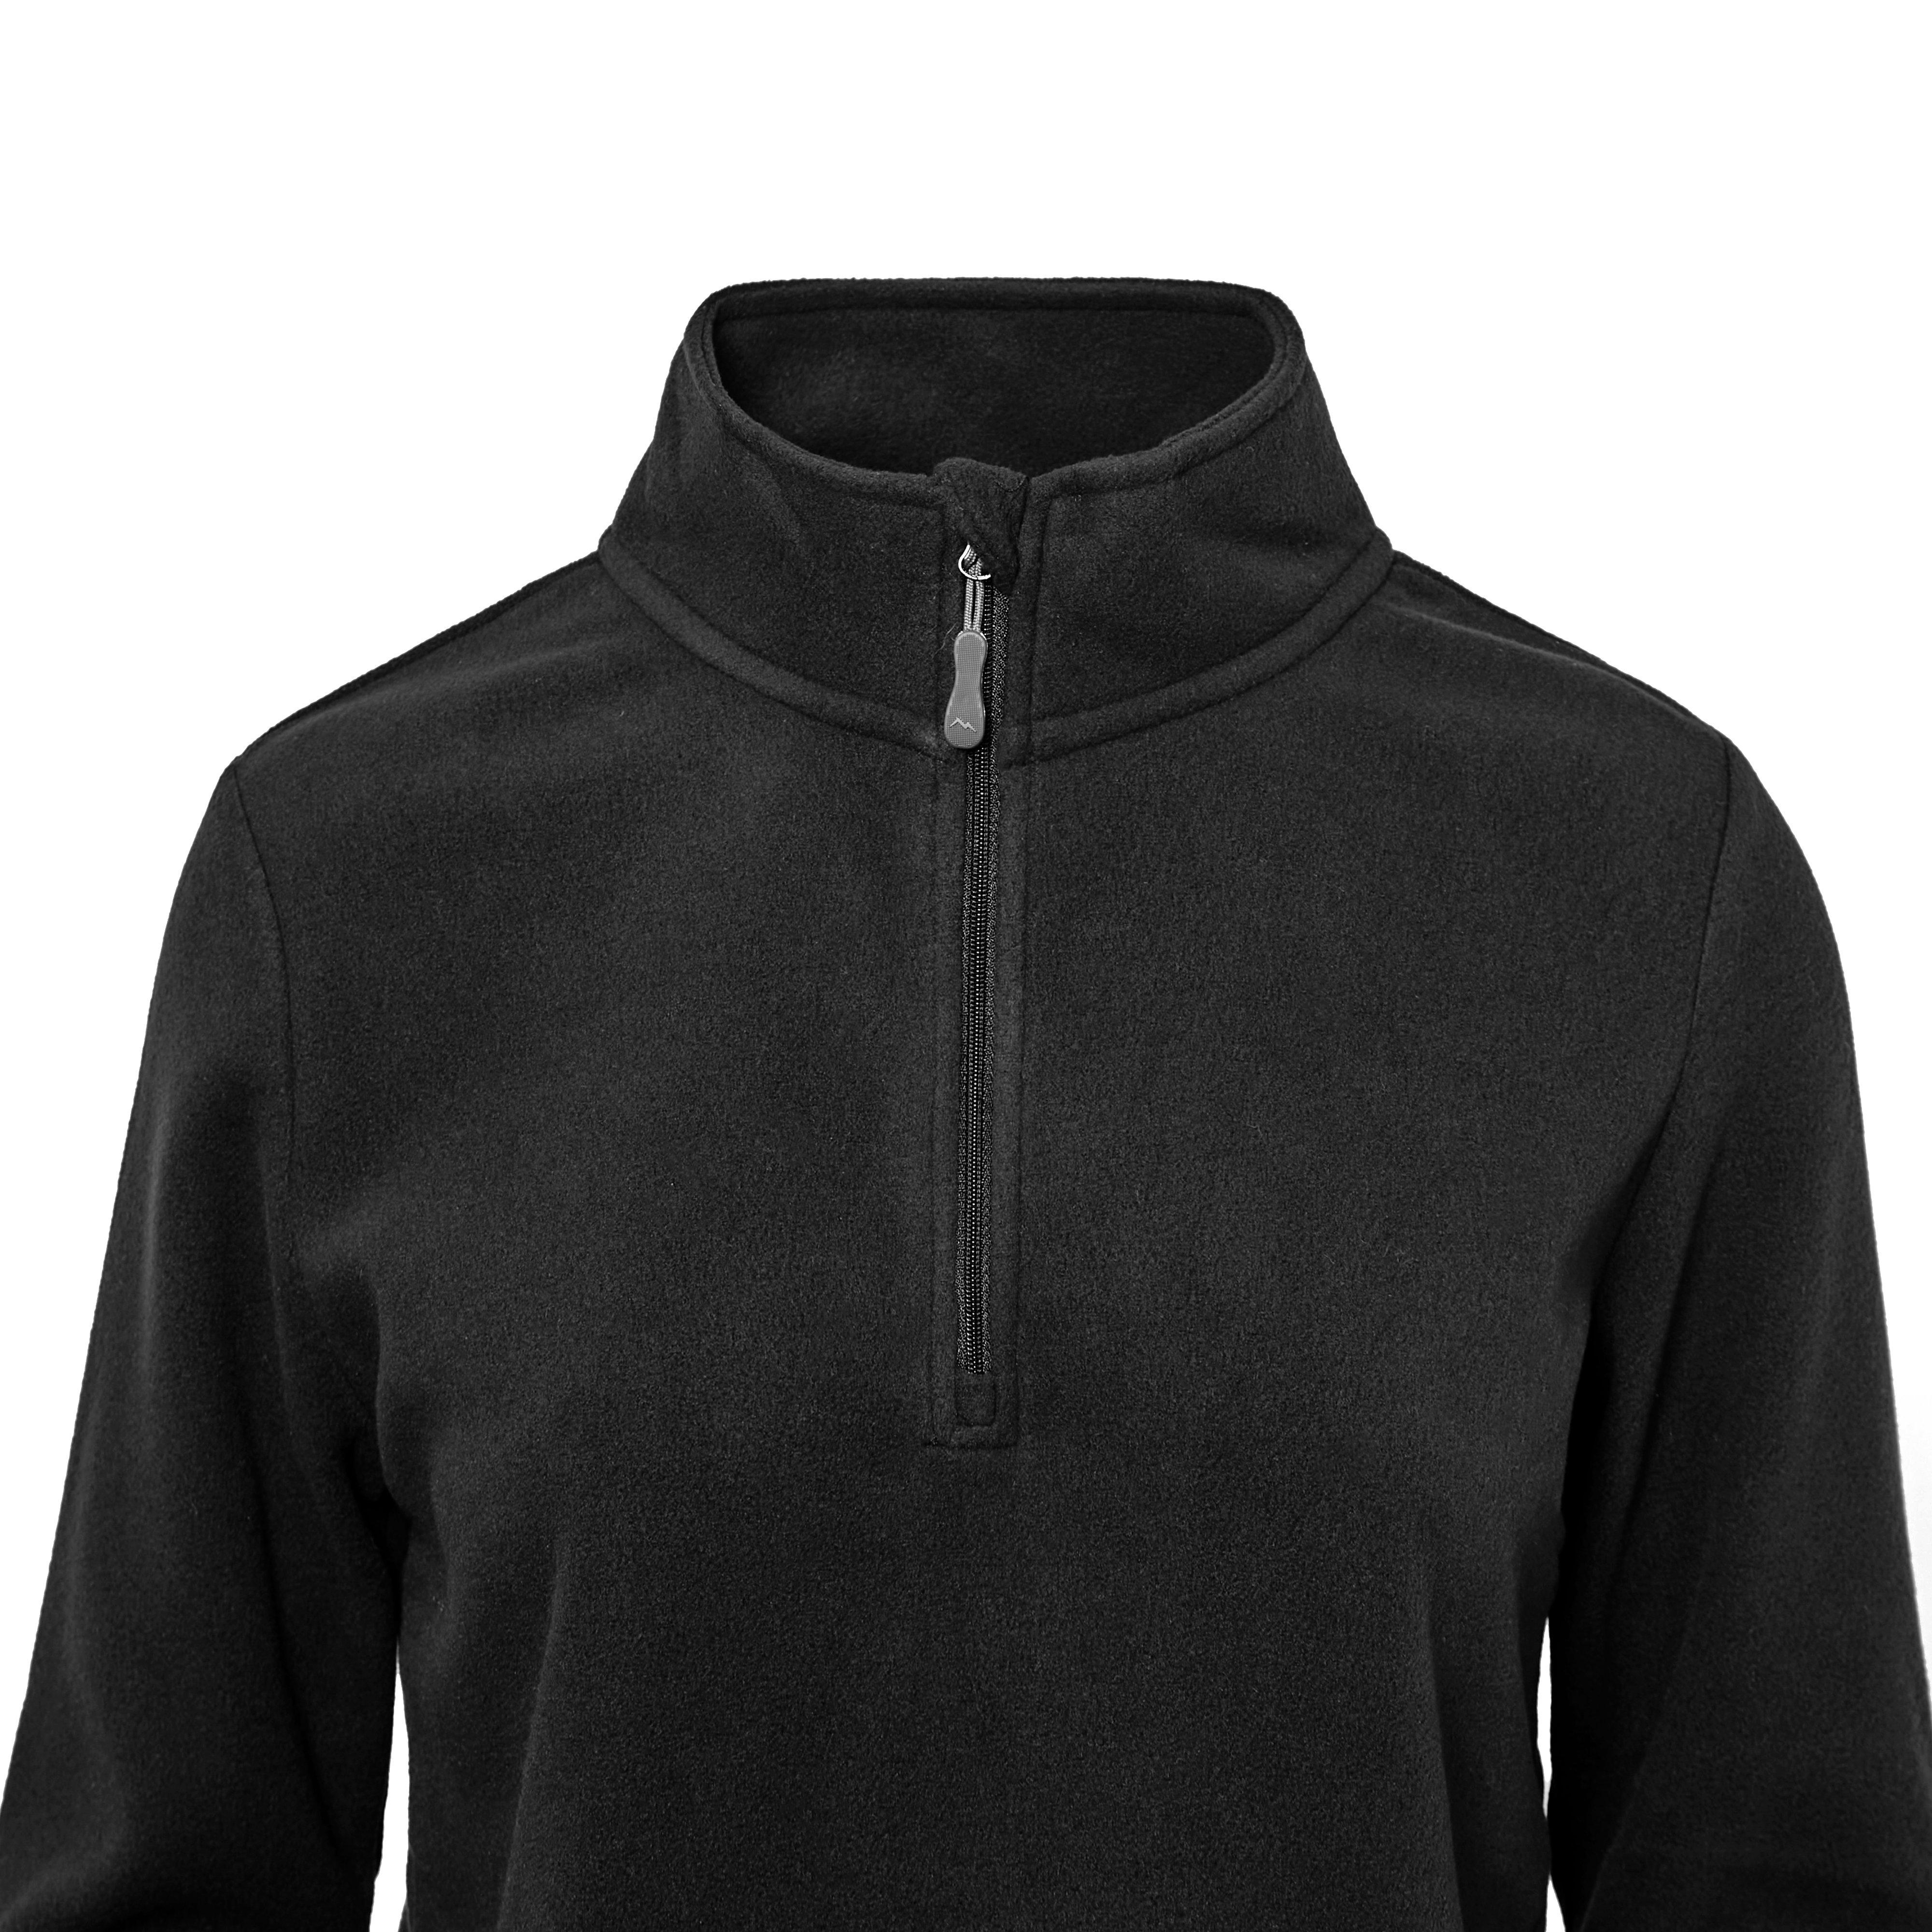 Peter Storm Womens Half-Zip Grasmere Fleece